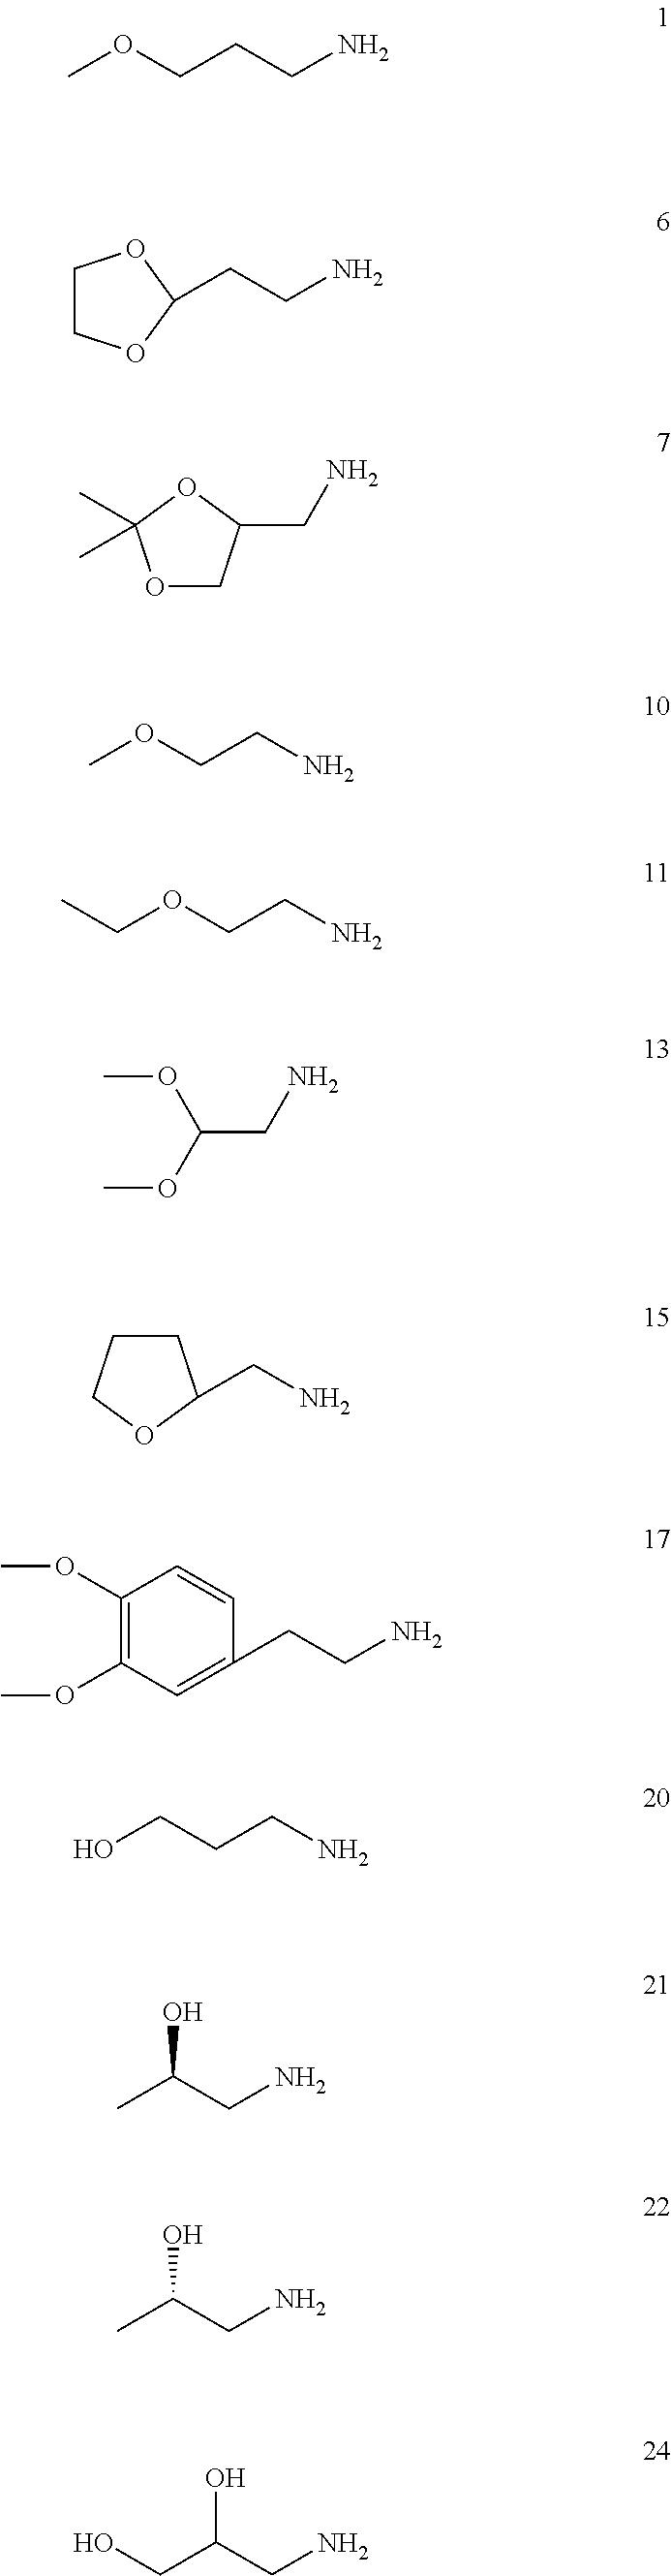 Figure US20110009641A1-20110113-C00125